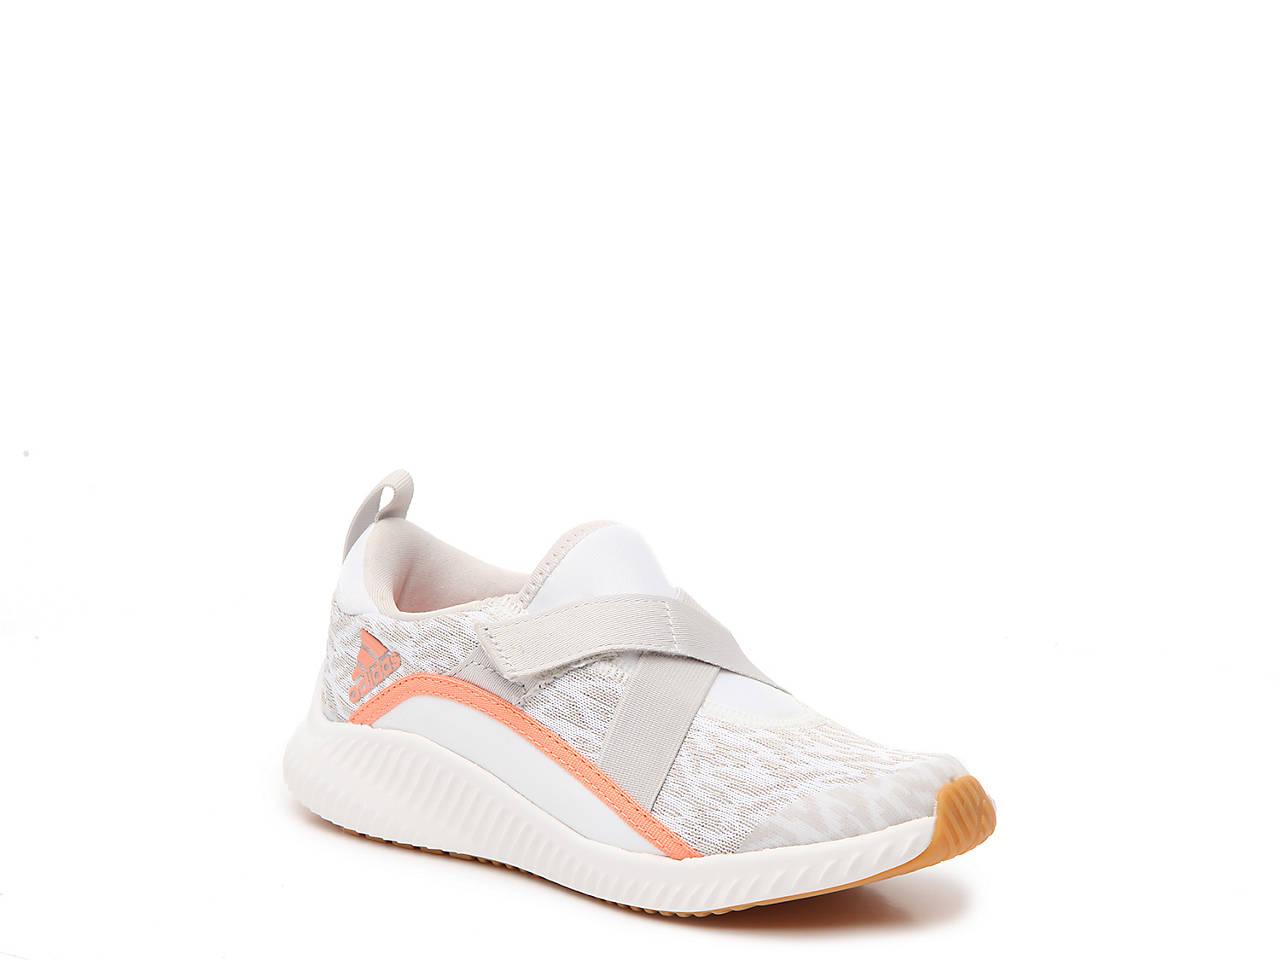 adidas Fortarun Youth Shoe Kids ShoesDSW X Running Toddleramp; 4RLj5A